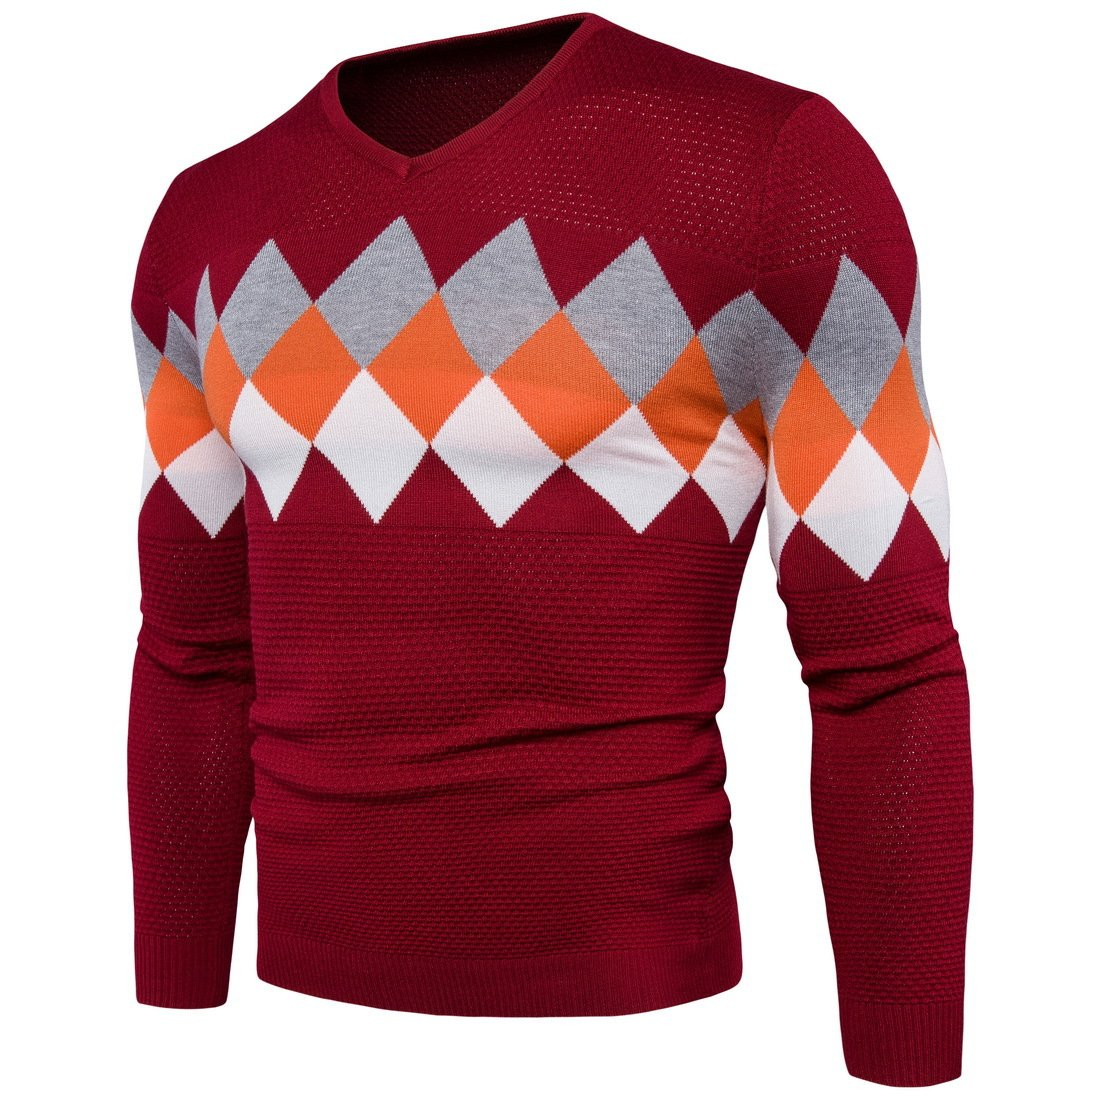 HY-Sweater HY-Sweater HY-Sweater Männer Herbst und Winter Pullover V-Ausschnitt in der gewindebohrung buchstabiere Farbe Freizeitaktivitäten Sau B077RGLMSB Jacken Ausgezeichnetes Handwerk 437dd6